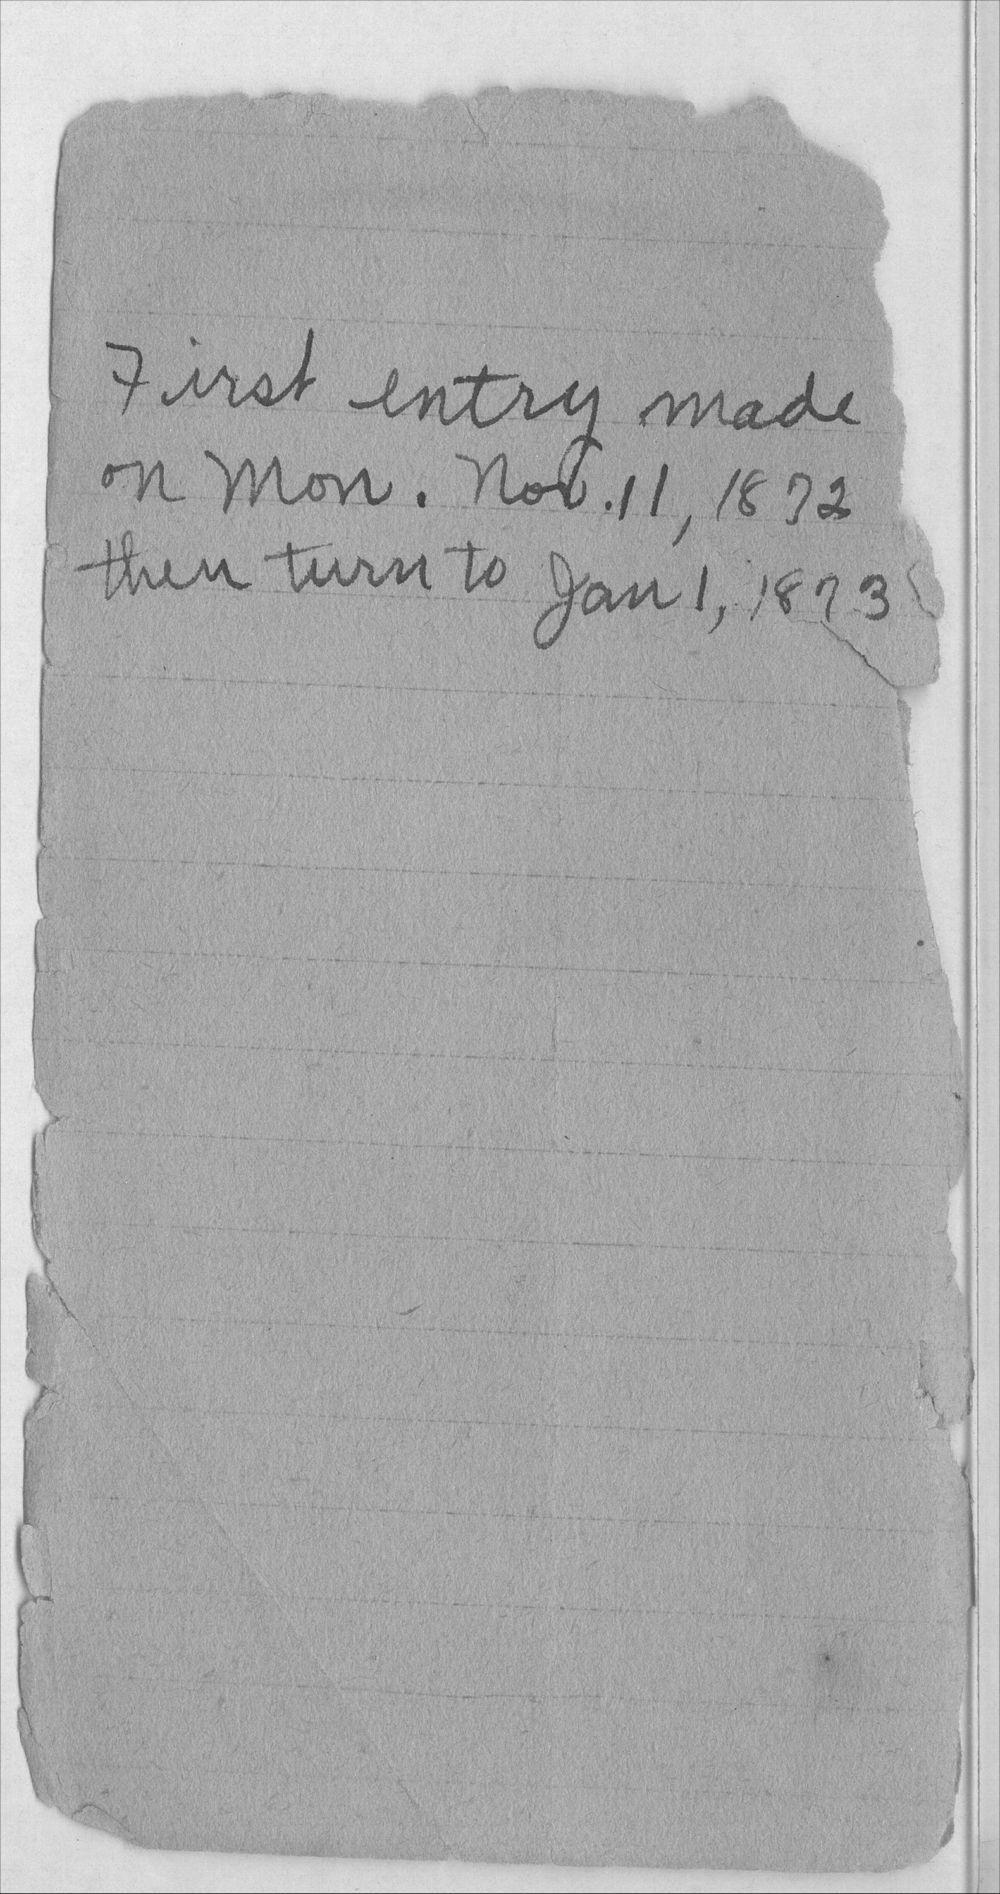 Henry Raymond diary - Explanation